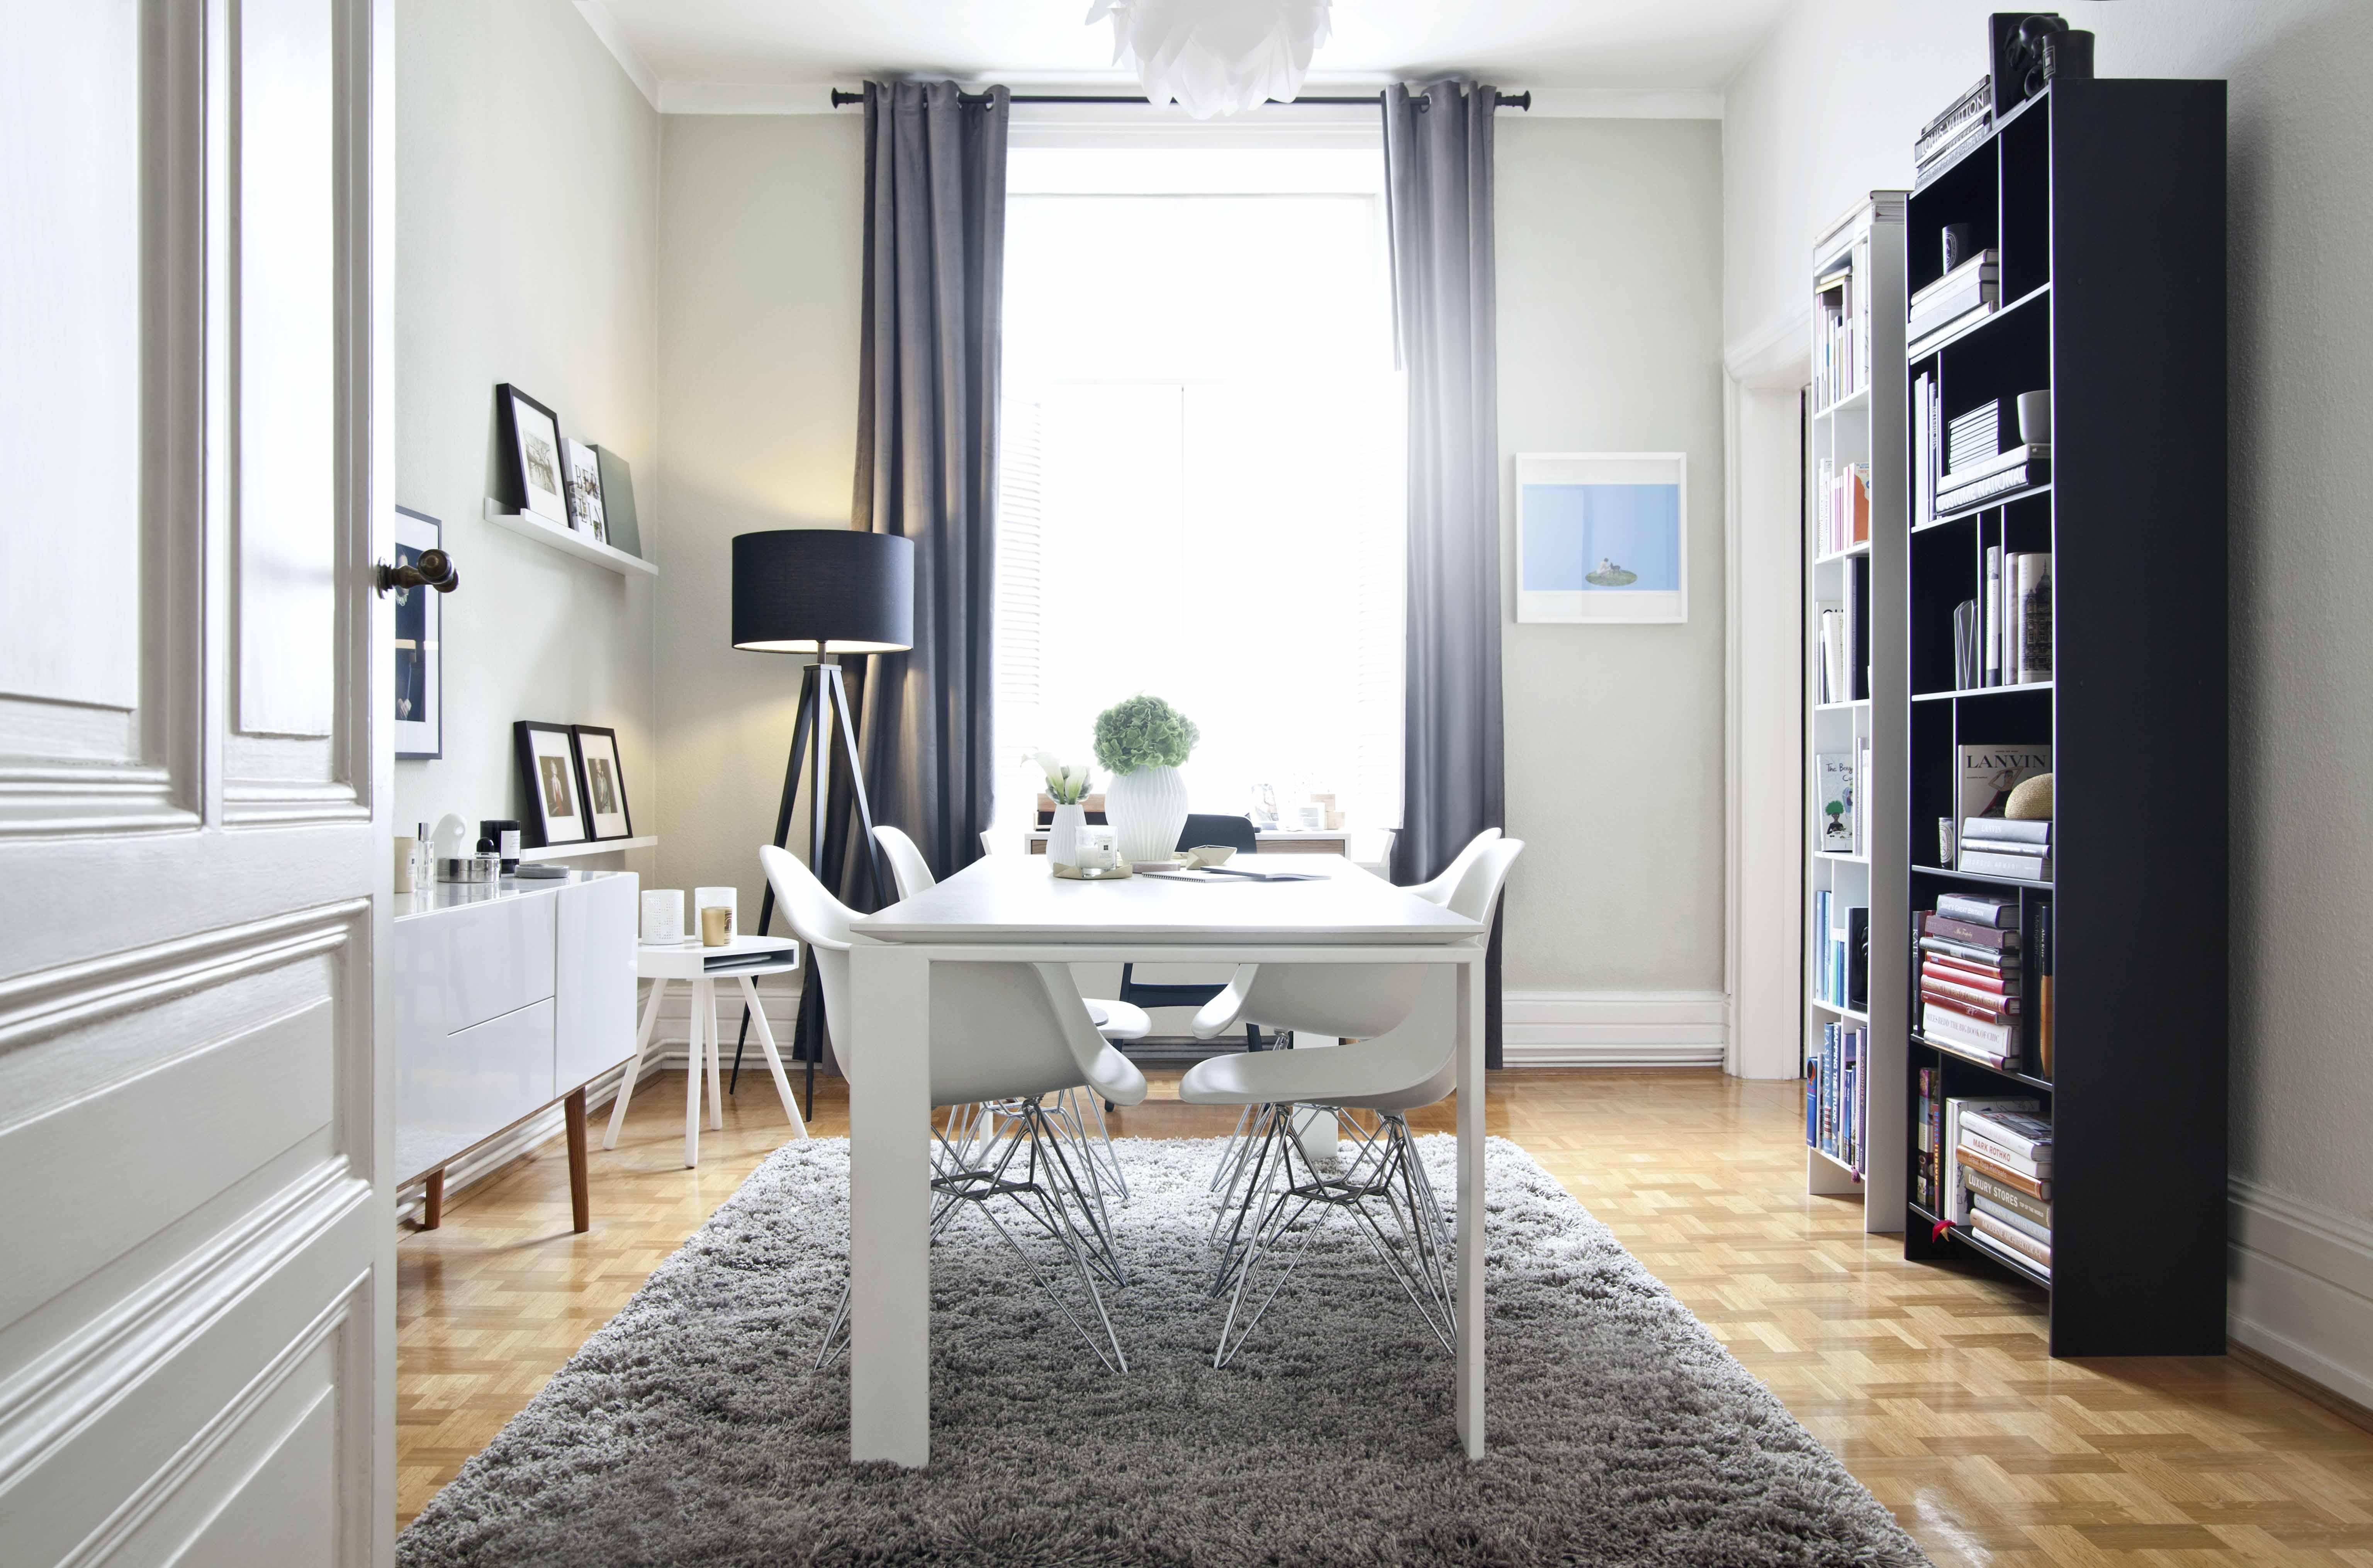 moderní styl bydlení jídelna